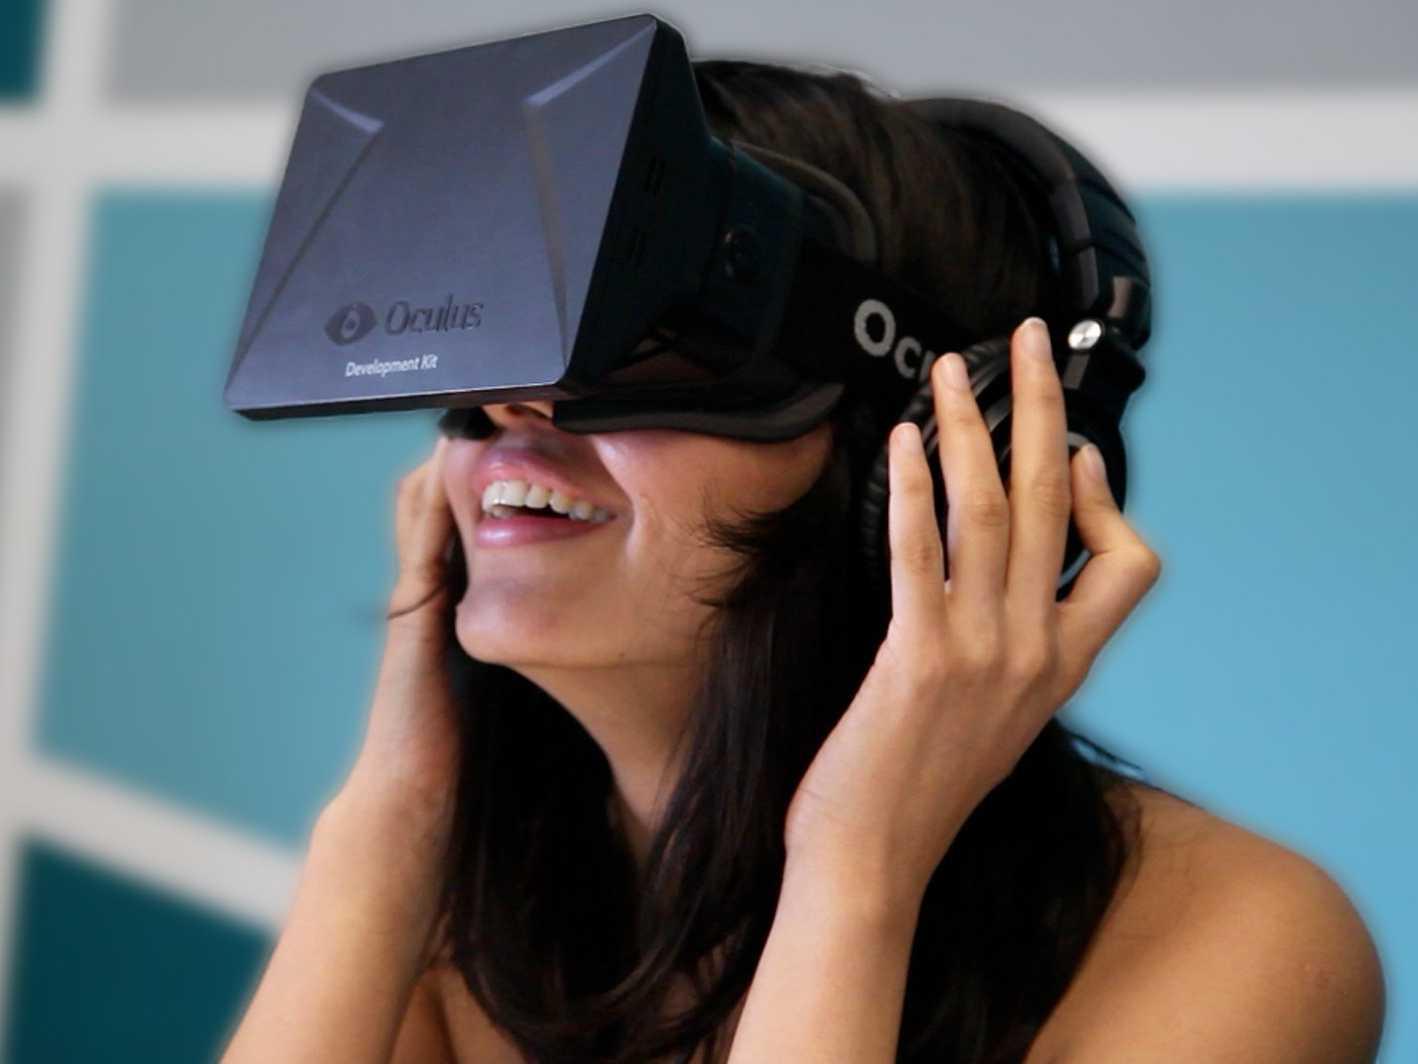 Nathan Mitchell afirmó que están buscando los caminos para reducir el precio final de los Oculus Rift.